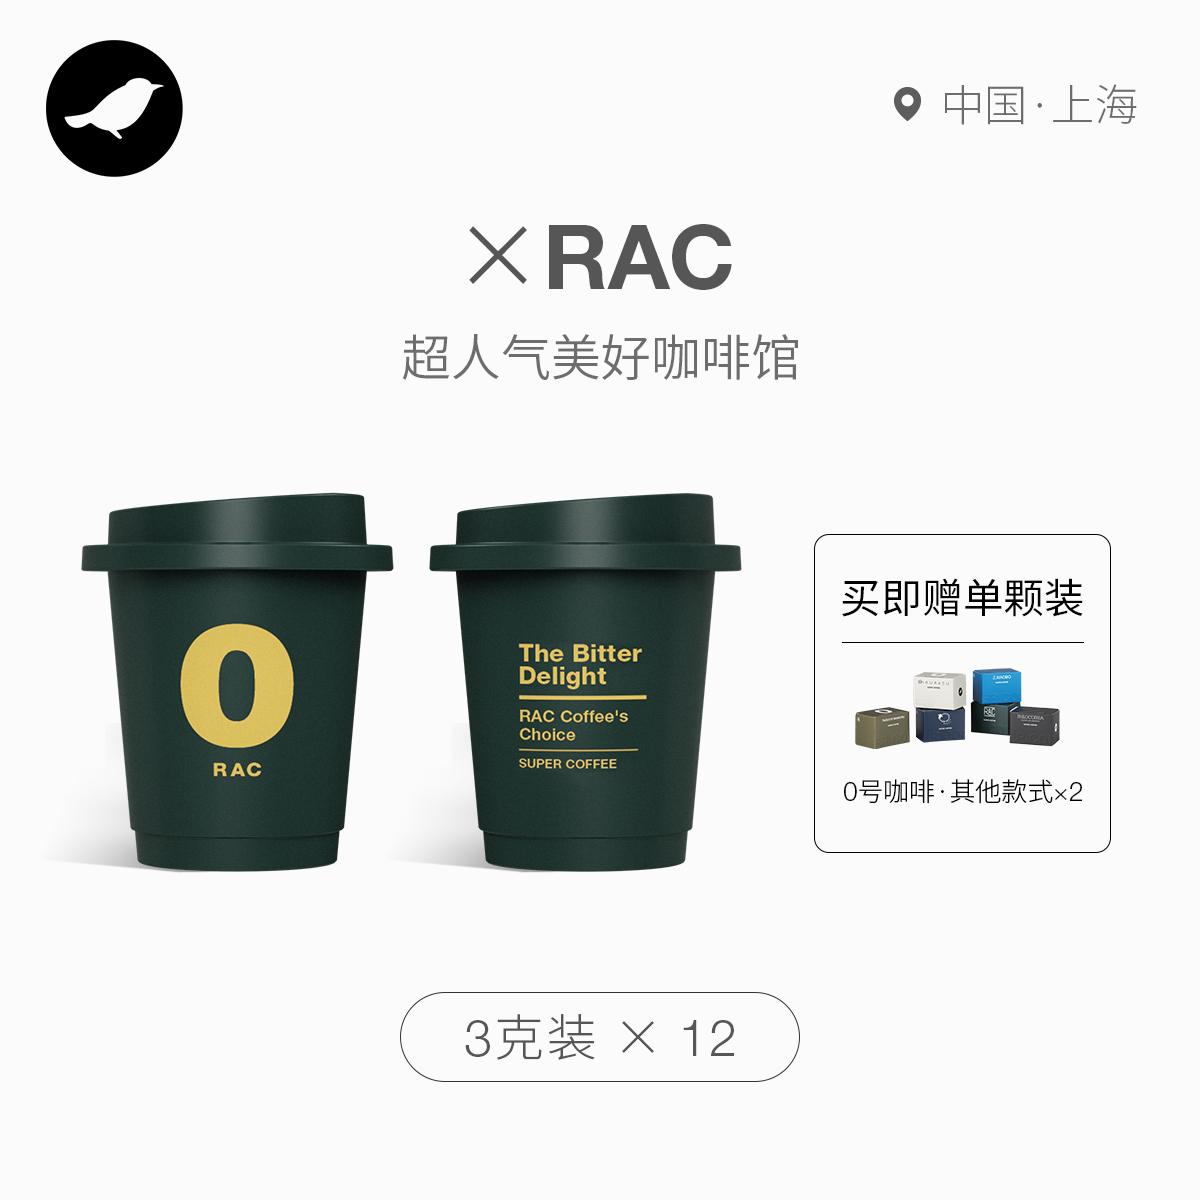 0号/三顿半 x RAC联名款 哥伦比亚 超即溶精品黑咖啡 12颗*3克